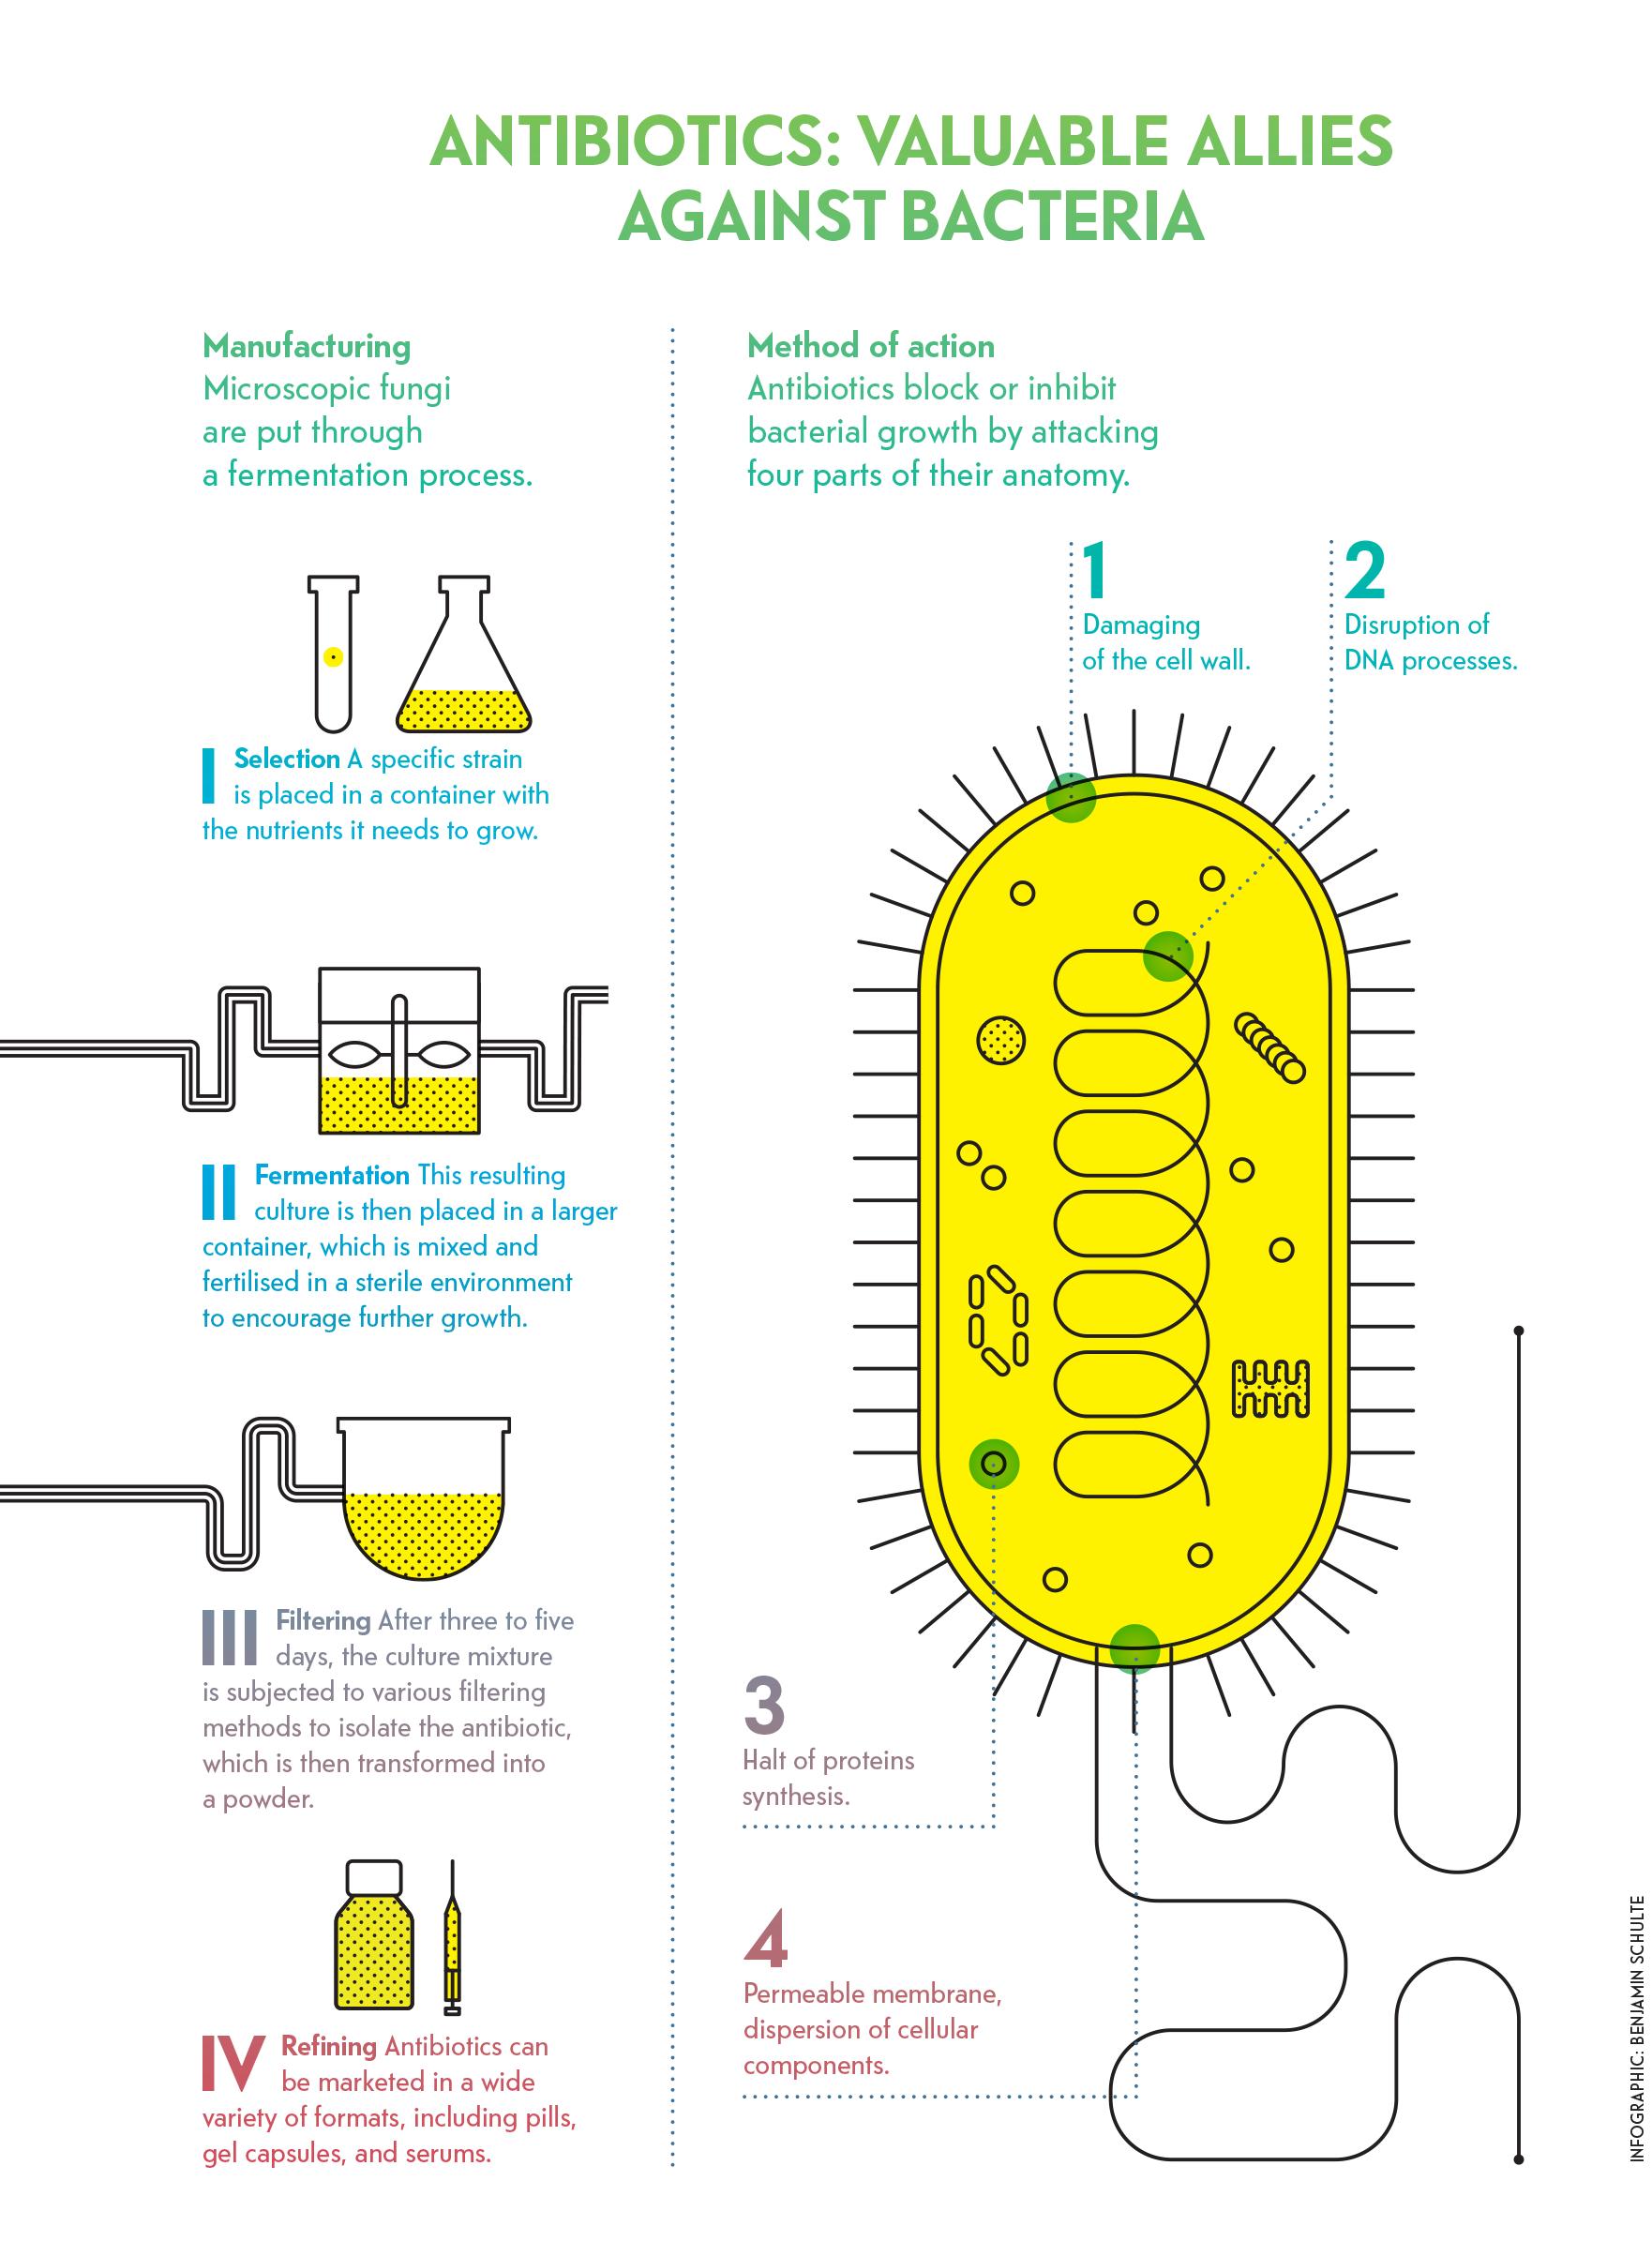 antibiotics: valuable allies against bacteria